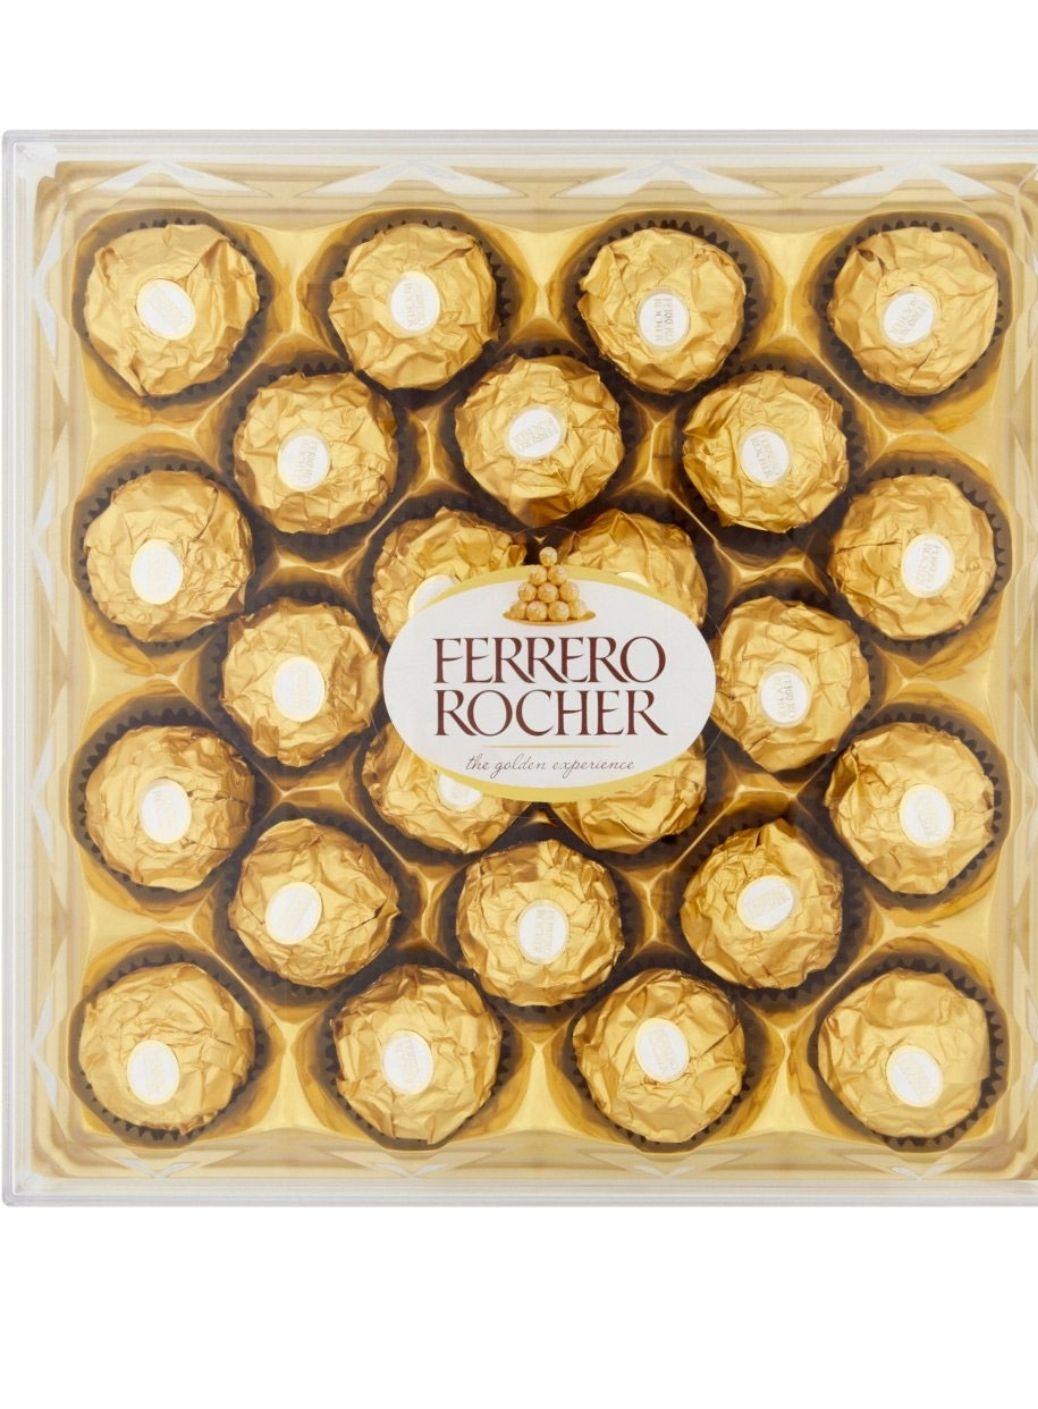 Ferrero Rocher Box of 24 £5 instore @ Nisa Local